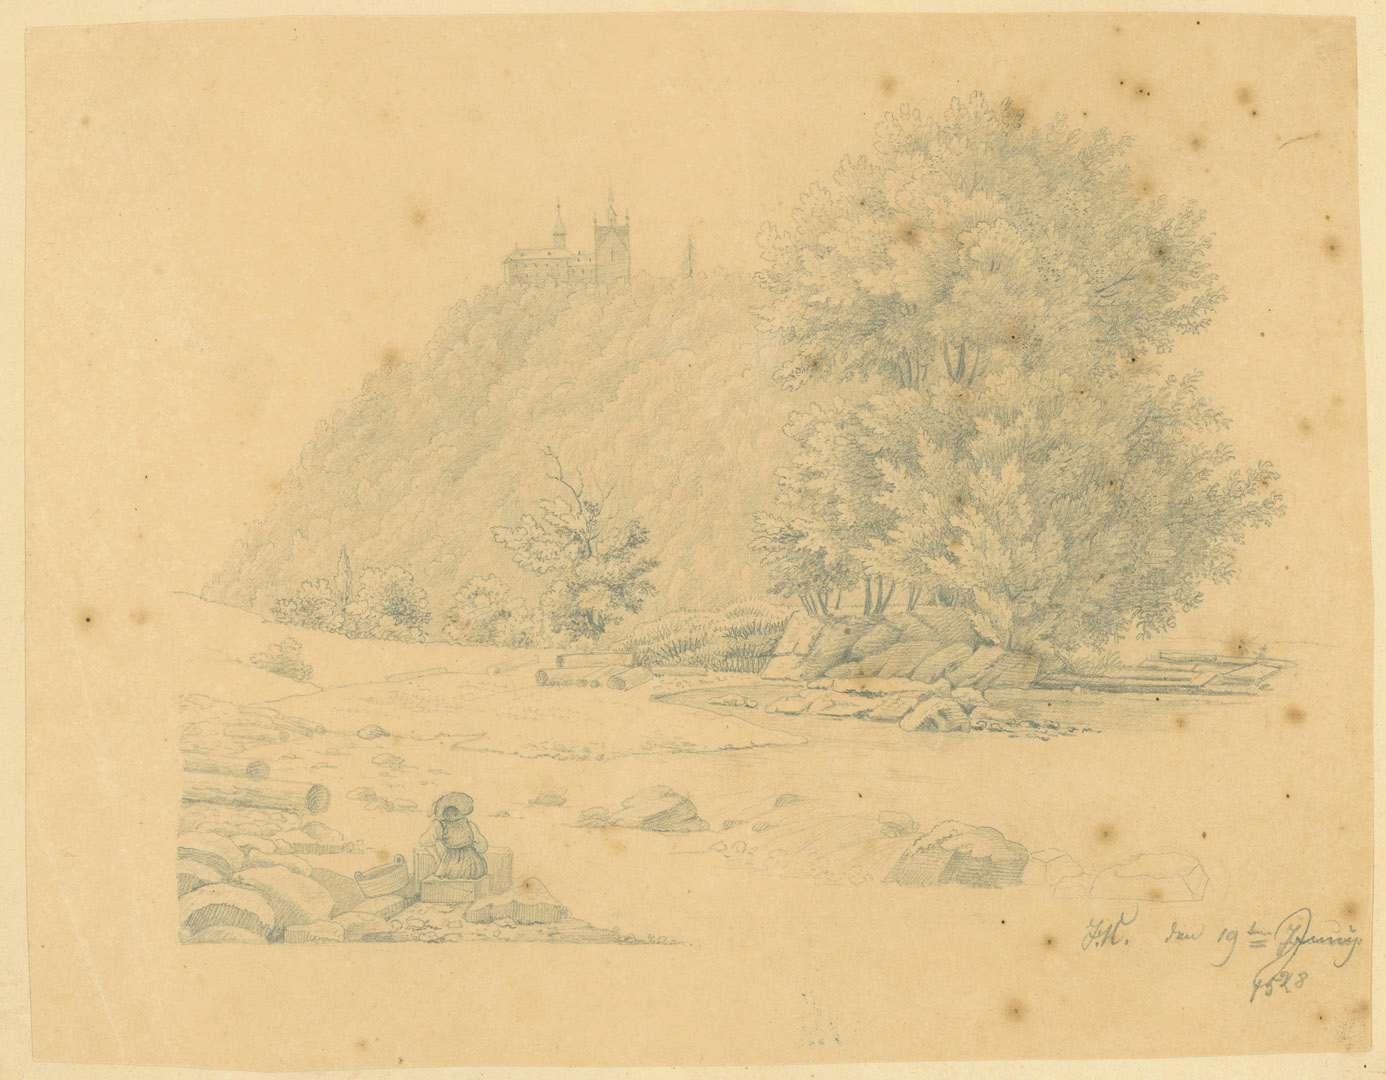 [Blick auf Schloss Eberstein], Bild 1